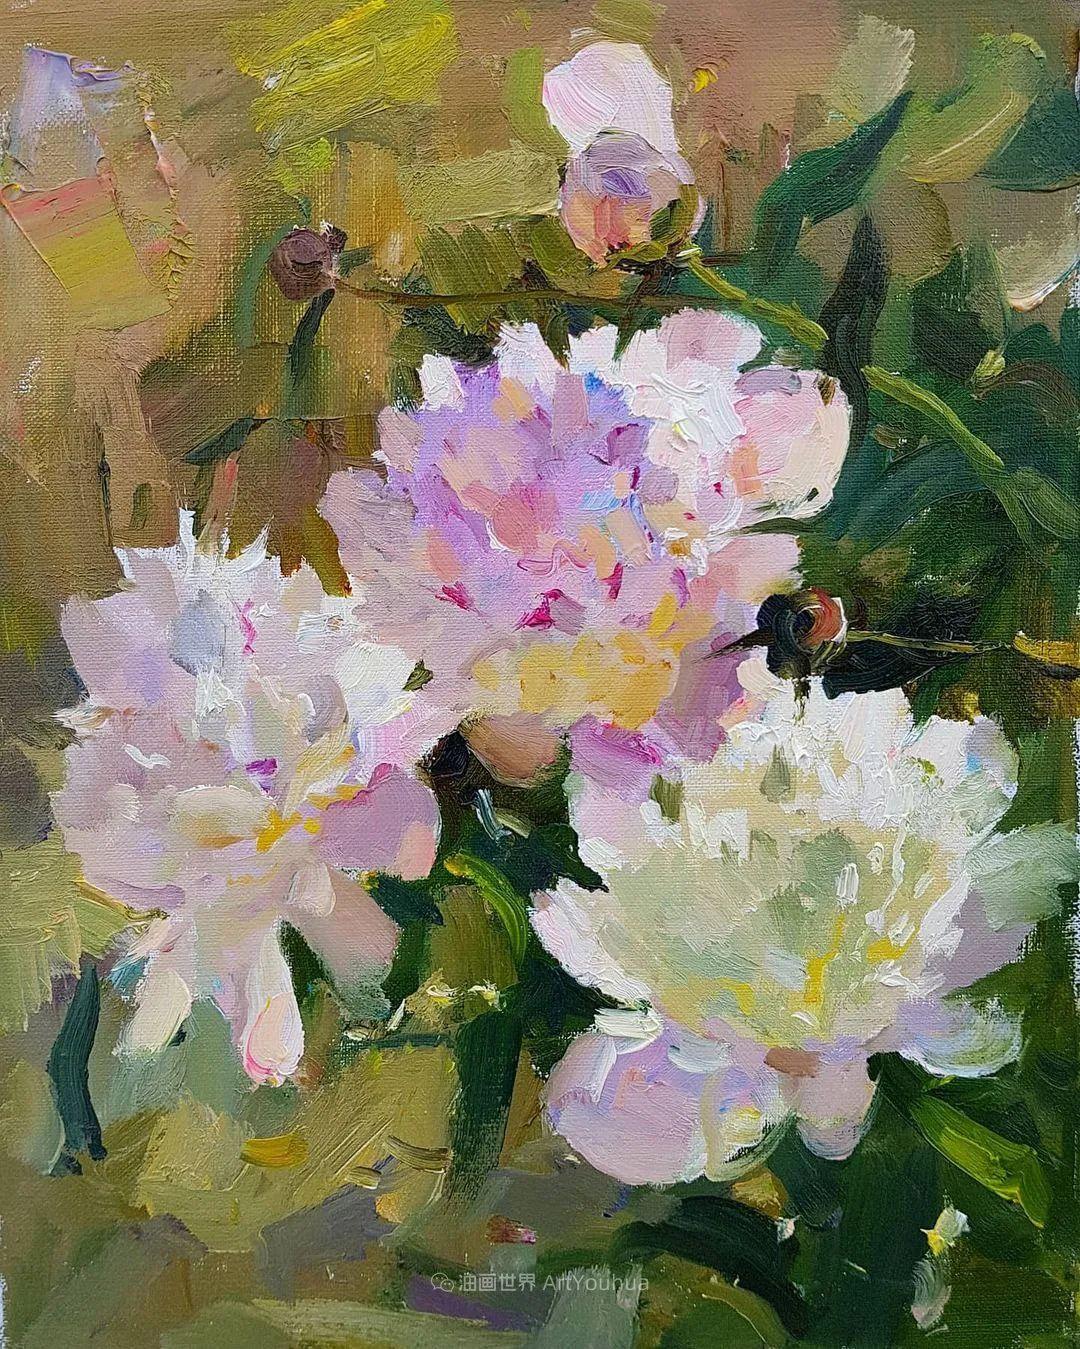 他的花儿如此生动和明亮,充满了光和微妙的东方哲学!插图33